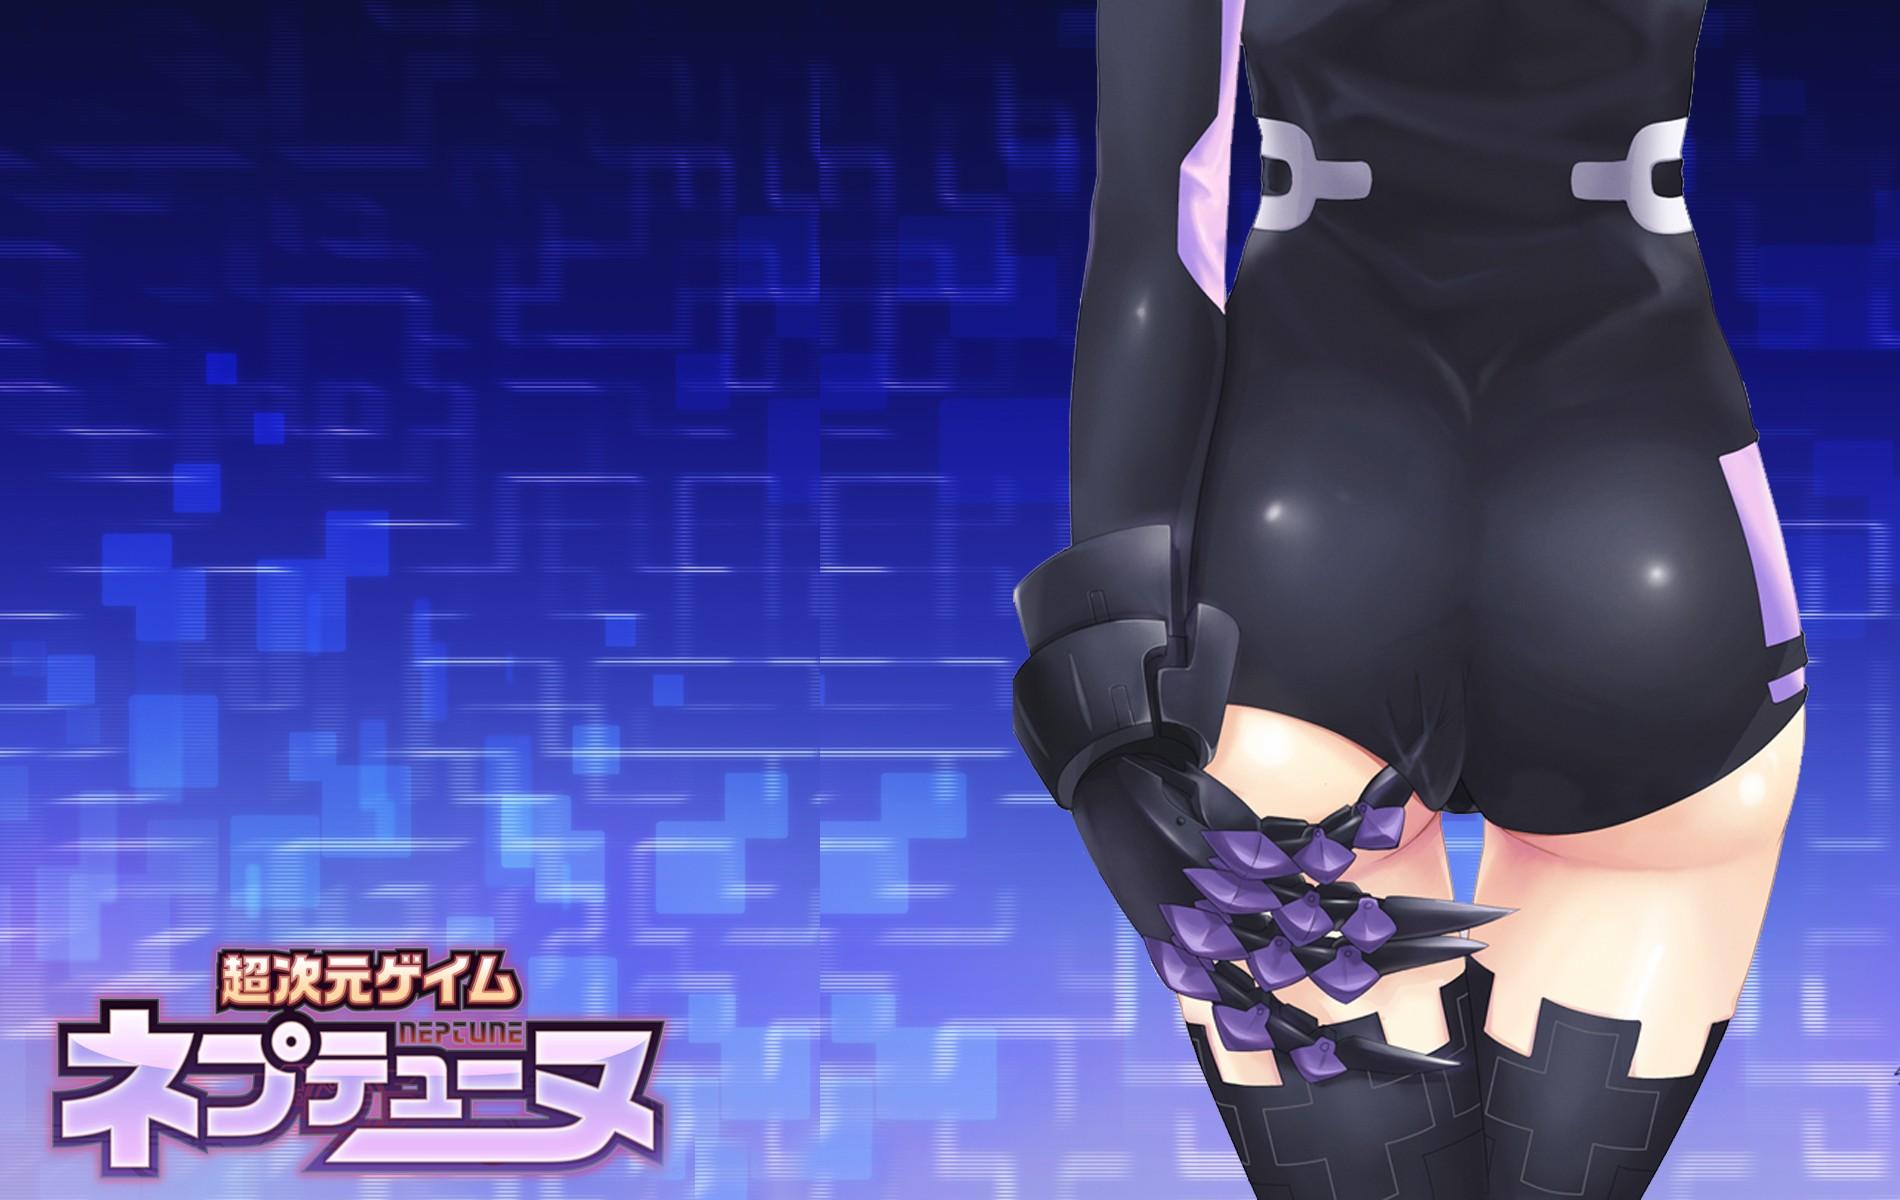 Anime Girls Ass Thigh Highs Hyperdimension Neptunia Purple Heart Screenshot